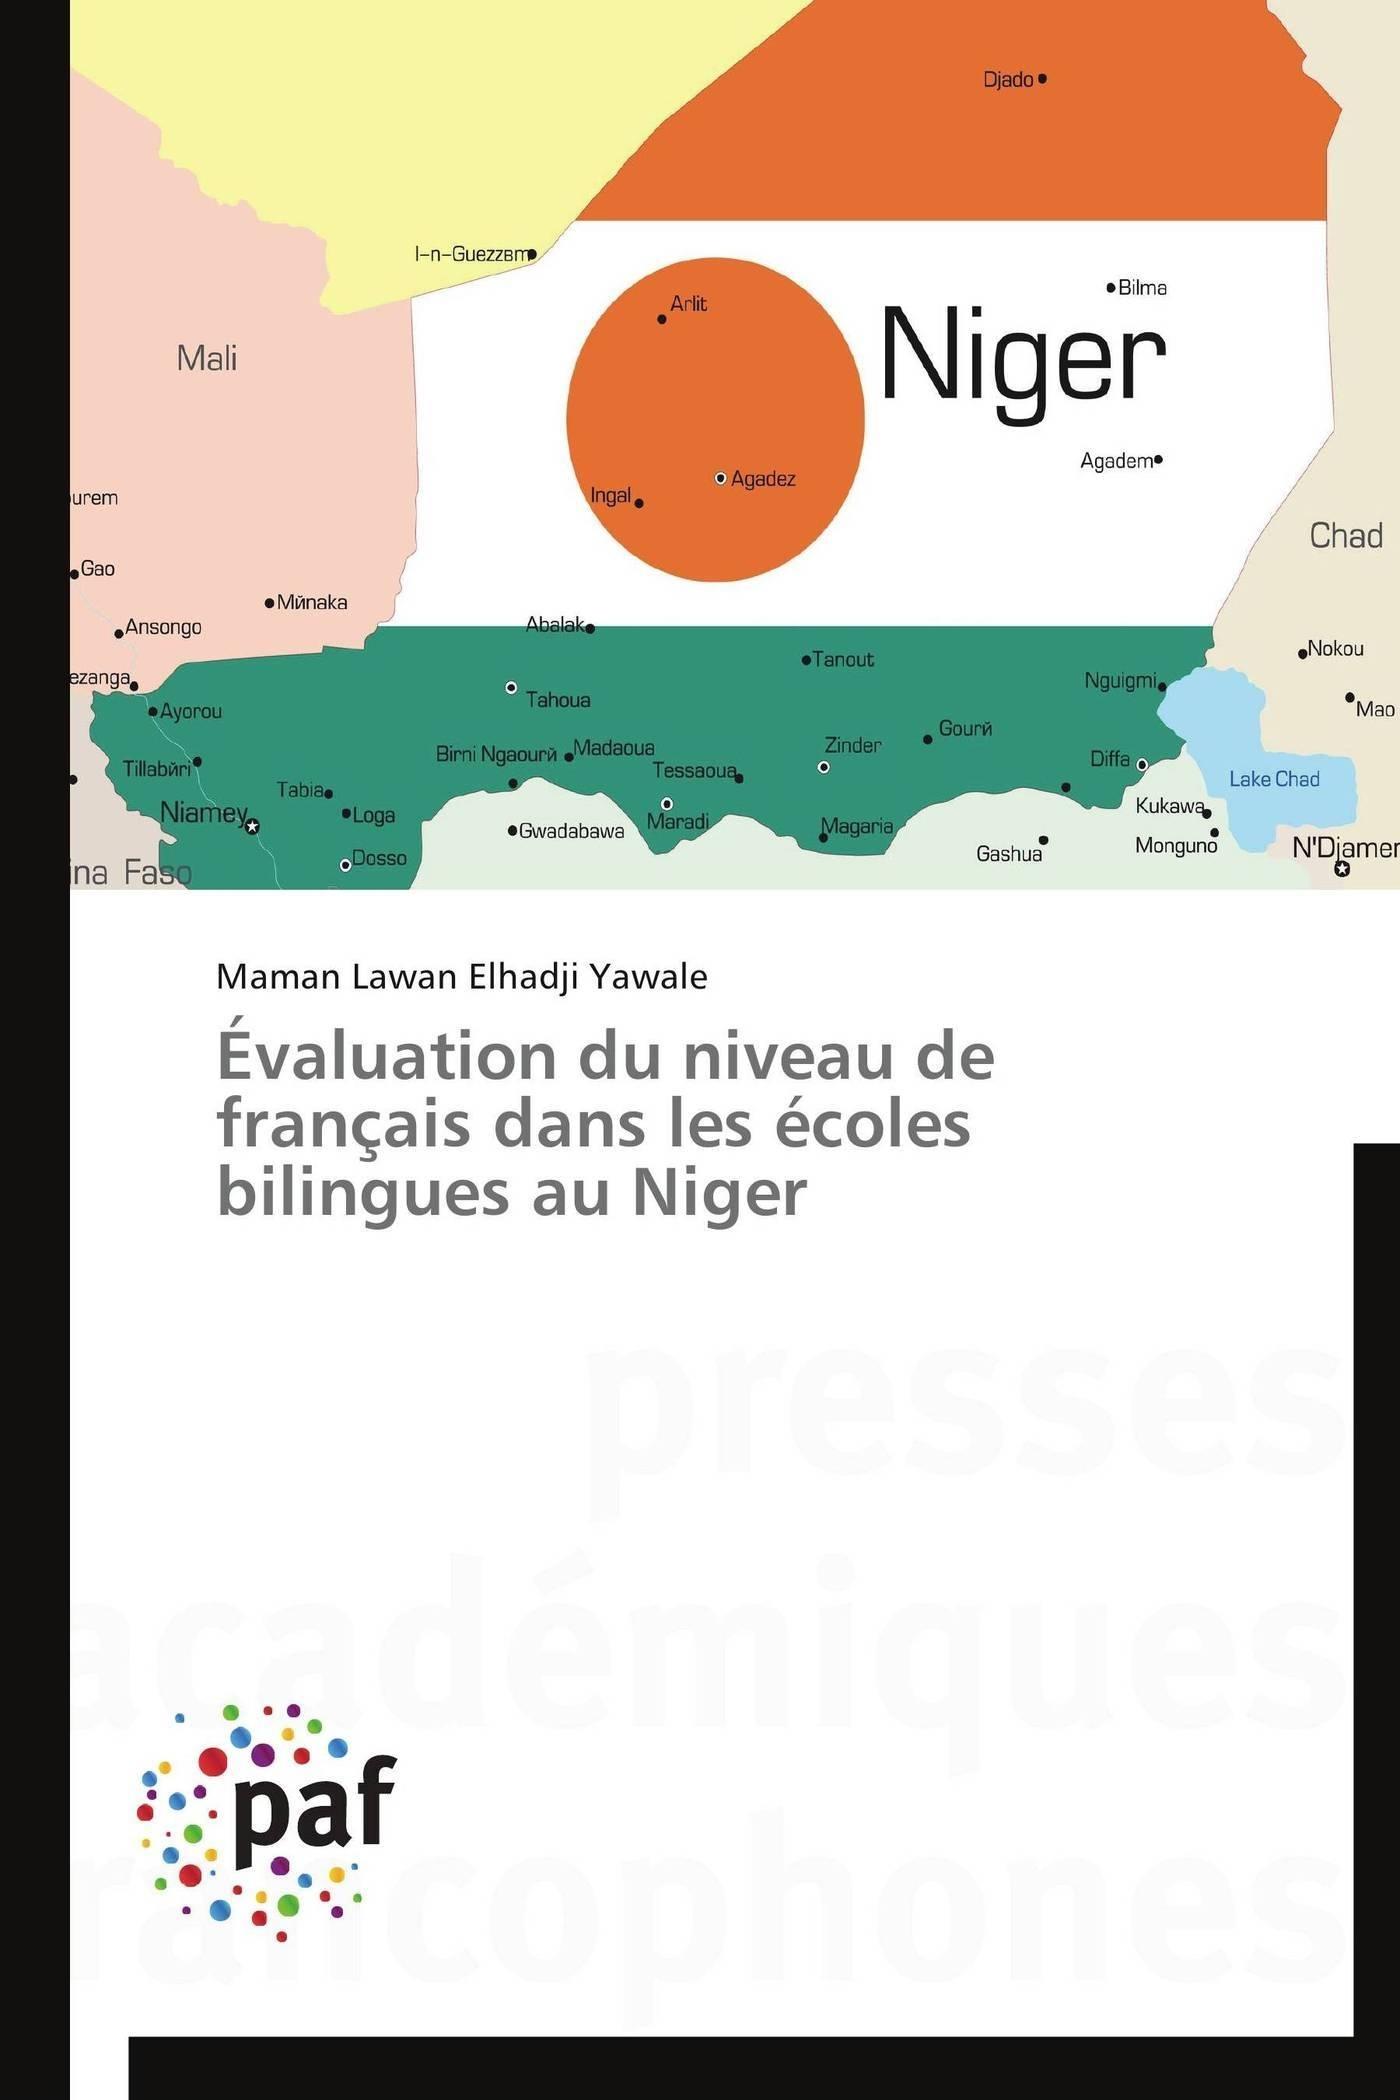 EVALUATION DU NIVEAU DE FRANCAIS DANS LES ECOLES BILINGUES AU NIGER